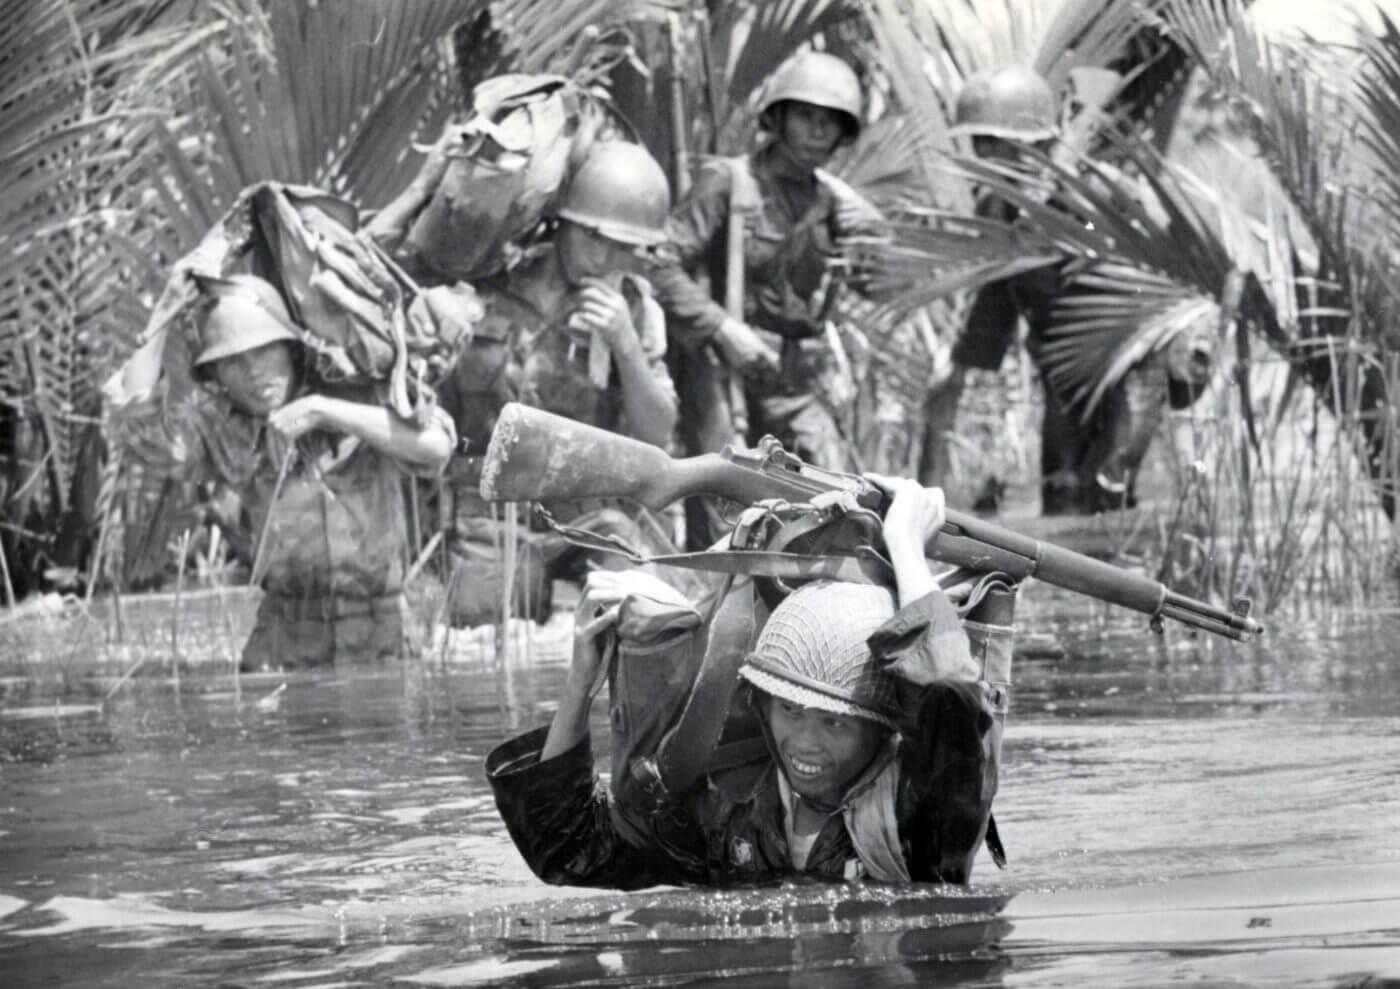 ARVN forces near Saigon with M1 Garand in Vietnam War